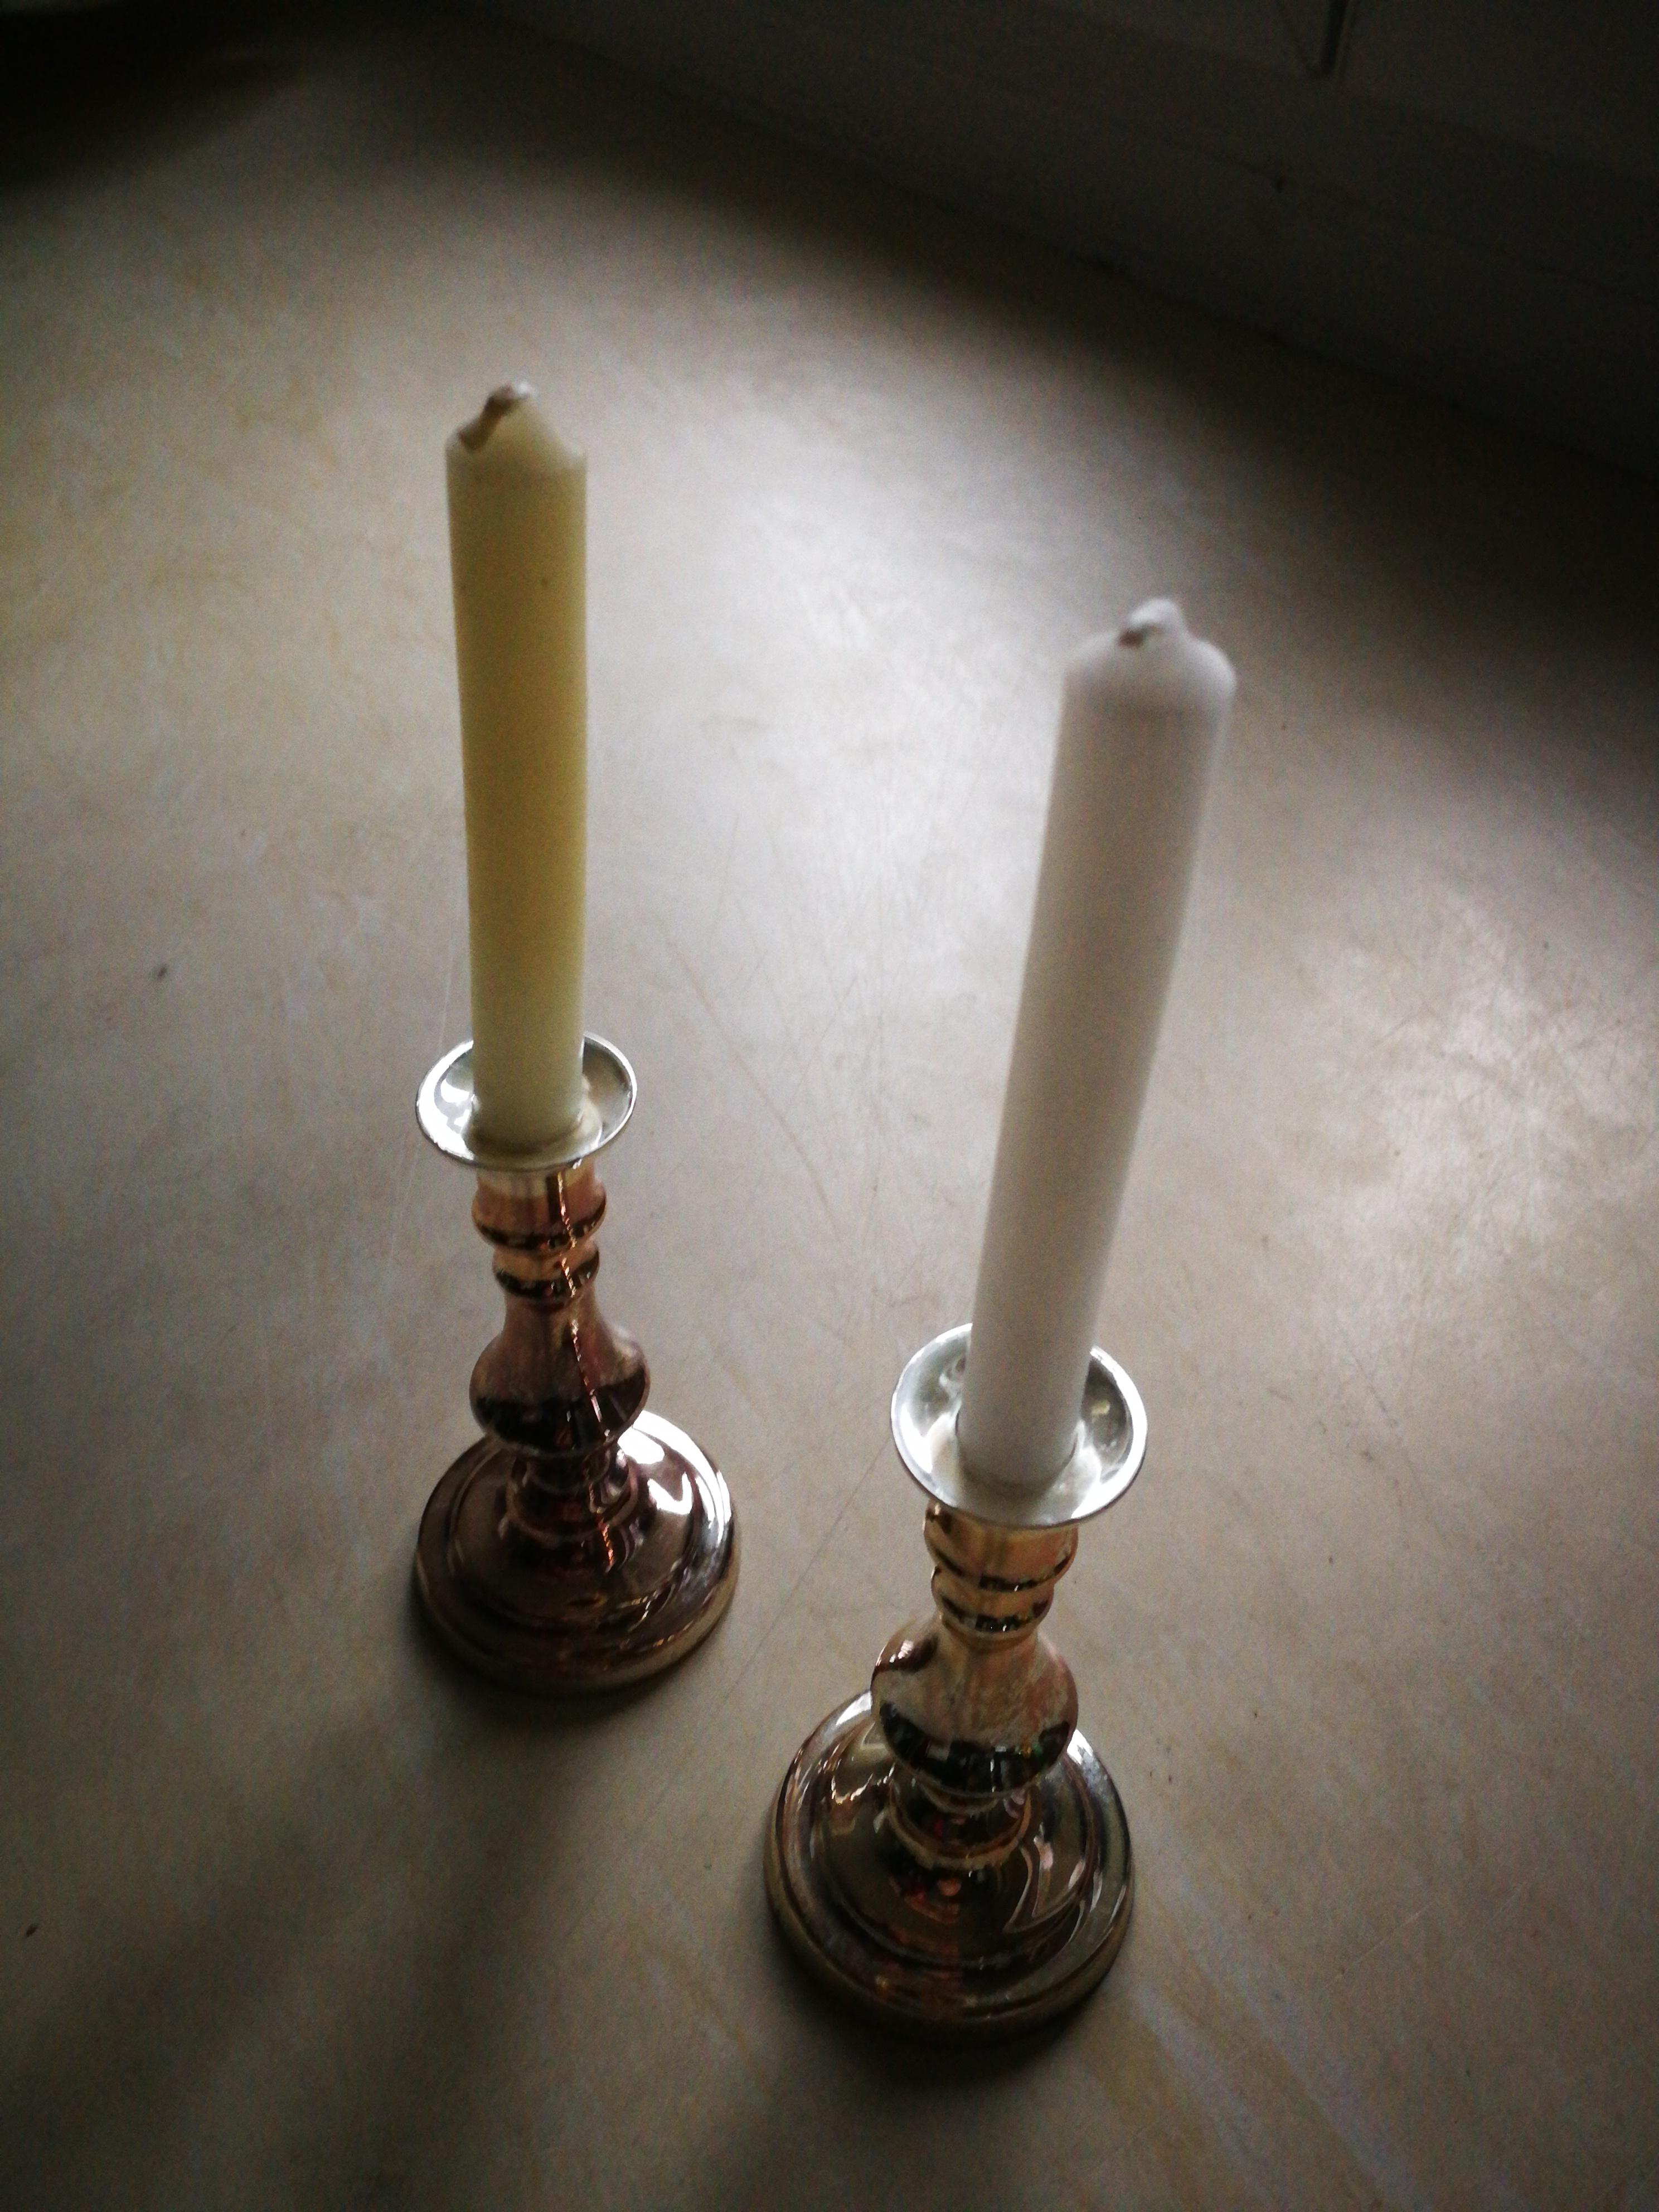 Kerzenhalter mit Kerzen tauschen